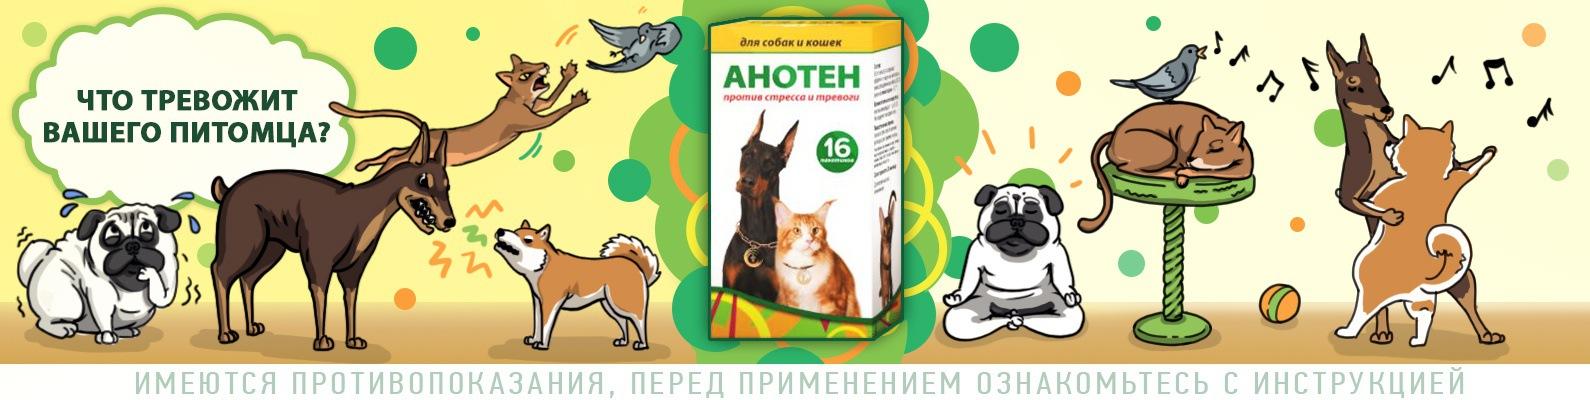 Анотен для собак и кошек: инструкция по применению, назначение, ограничения